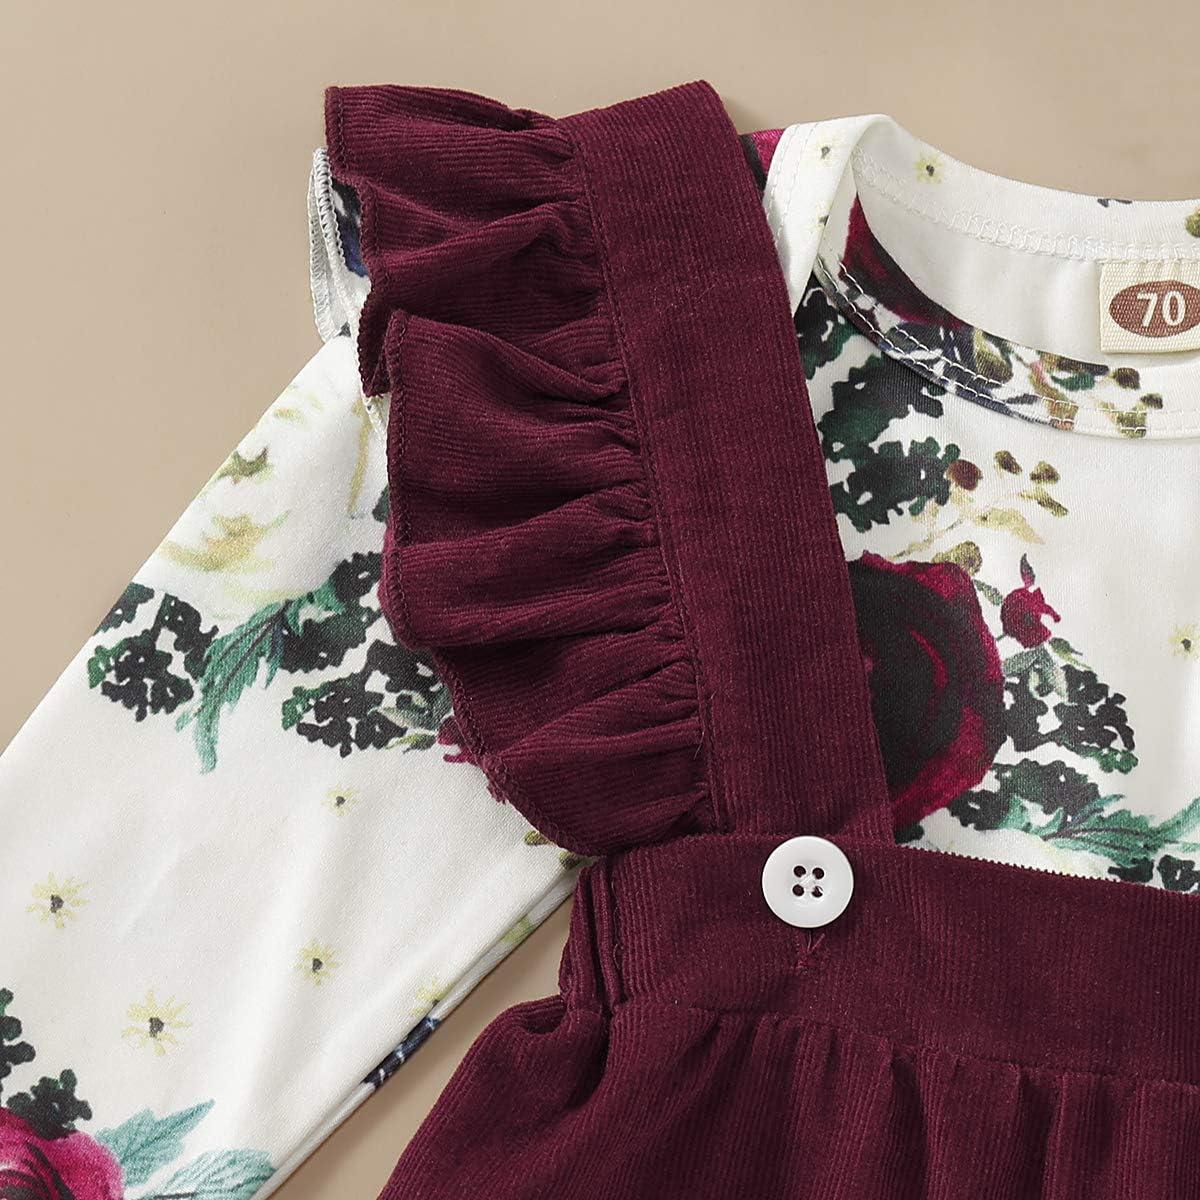 MTSLYH Infant Baby Girl Floral Romper+Velvet Ruffle Suspender Skirt+Headband Outfit Set